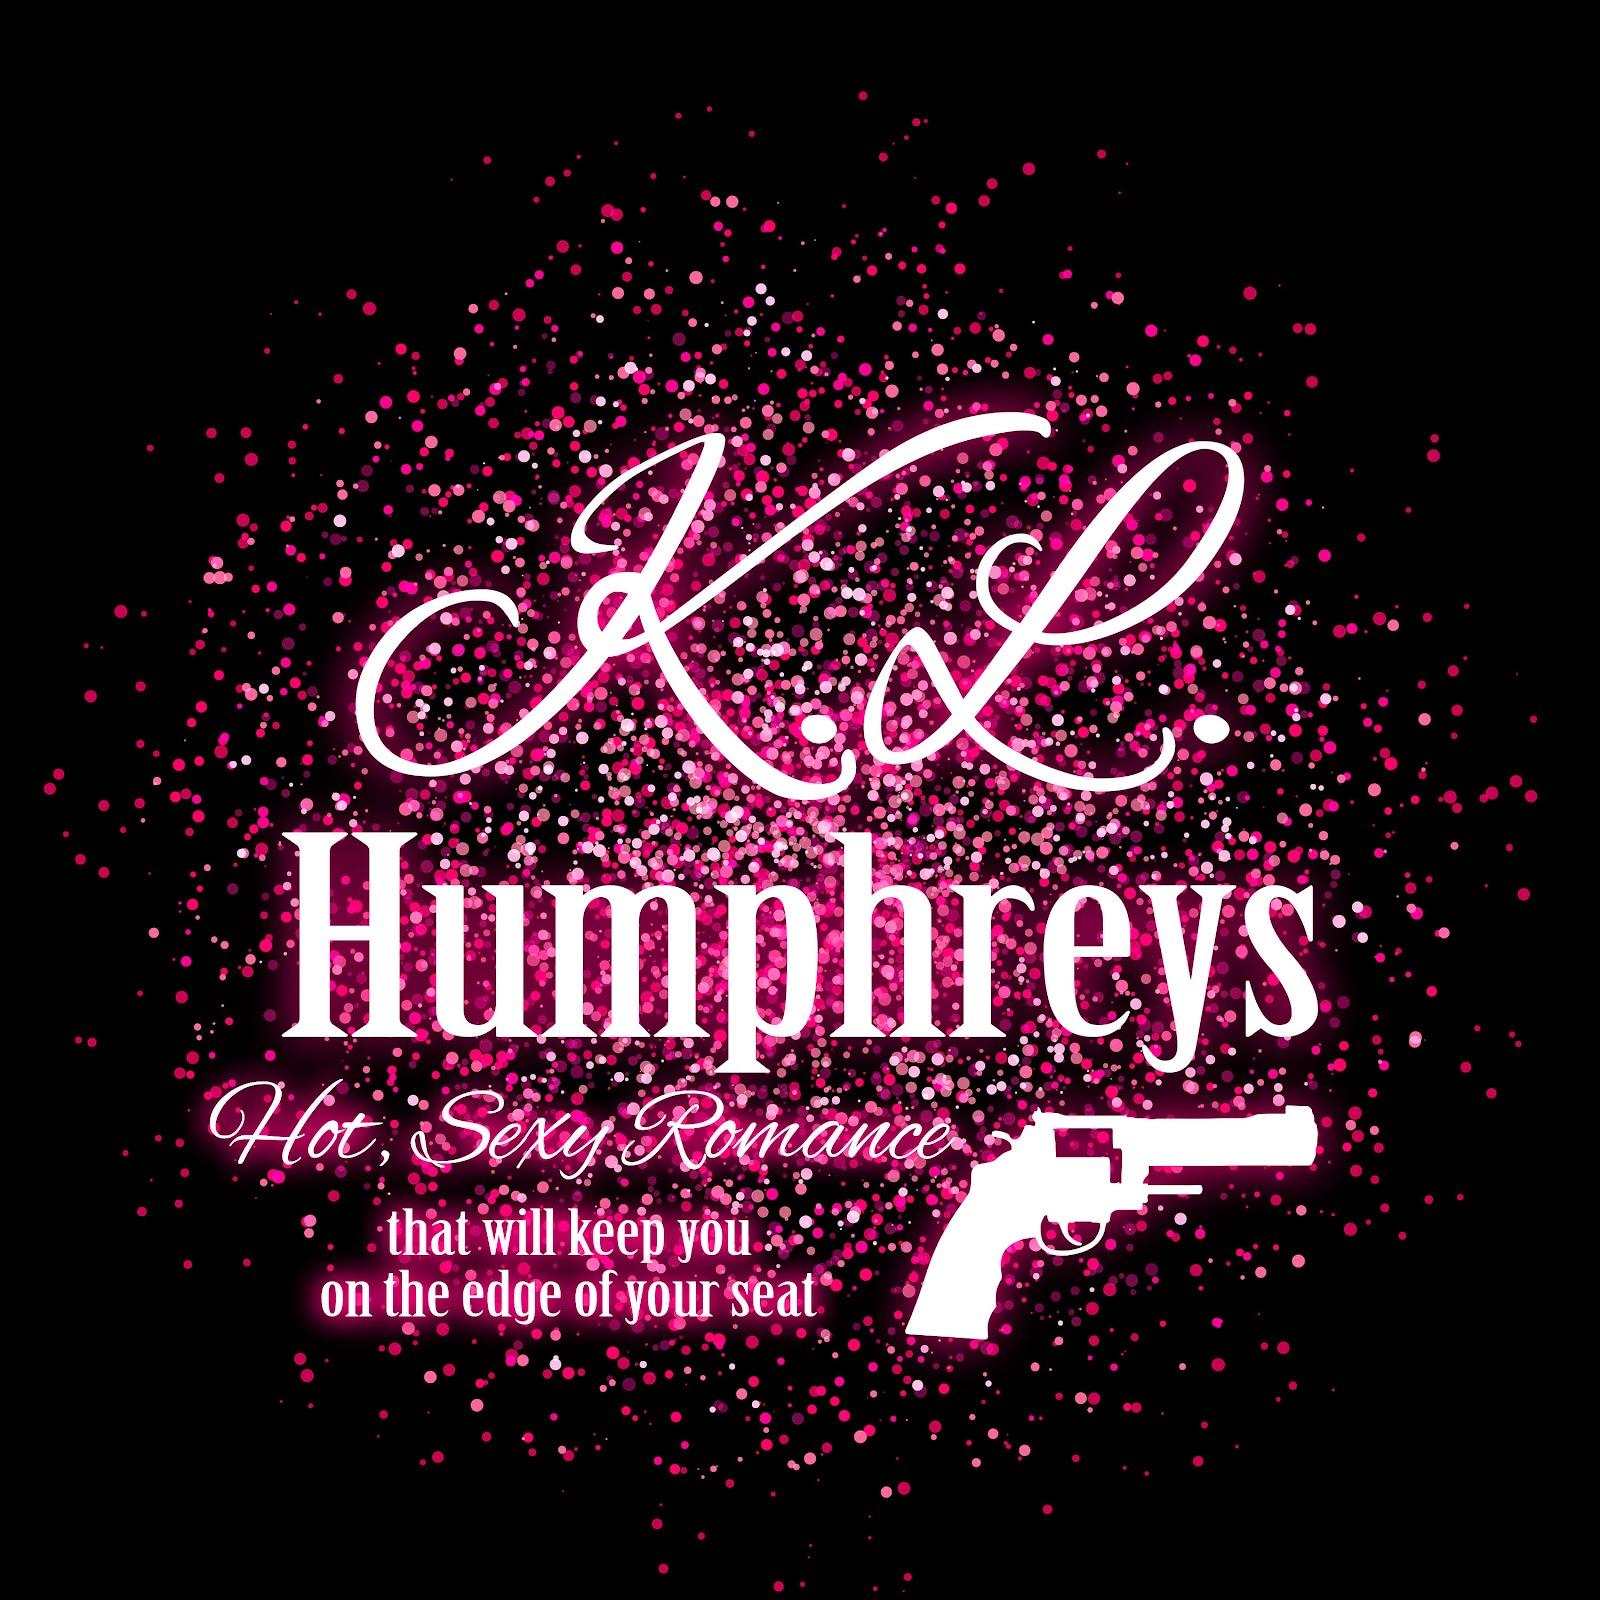 kl-humphreys-logo